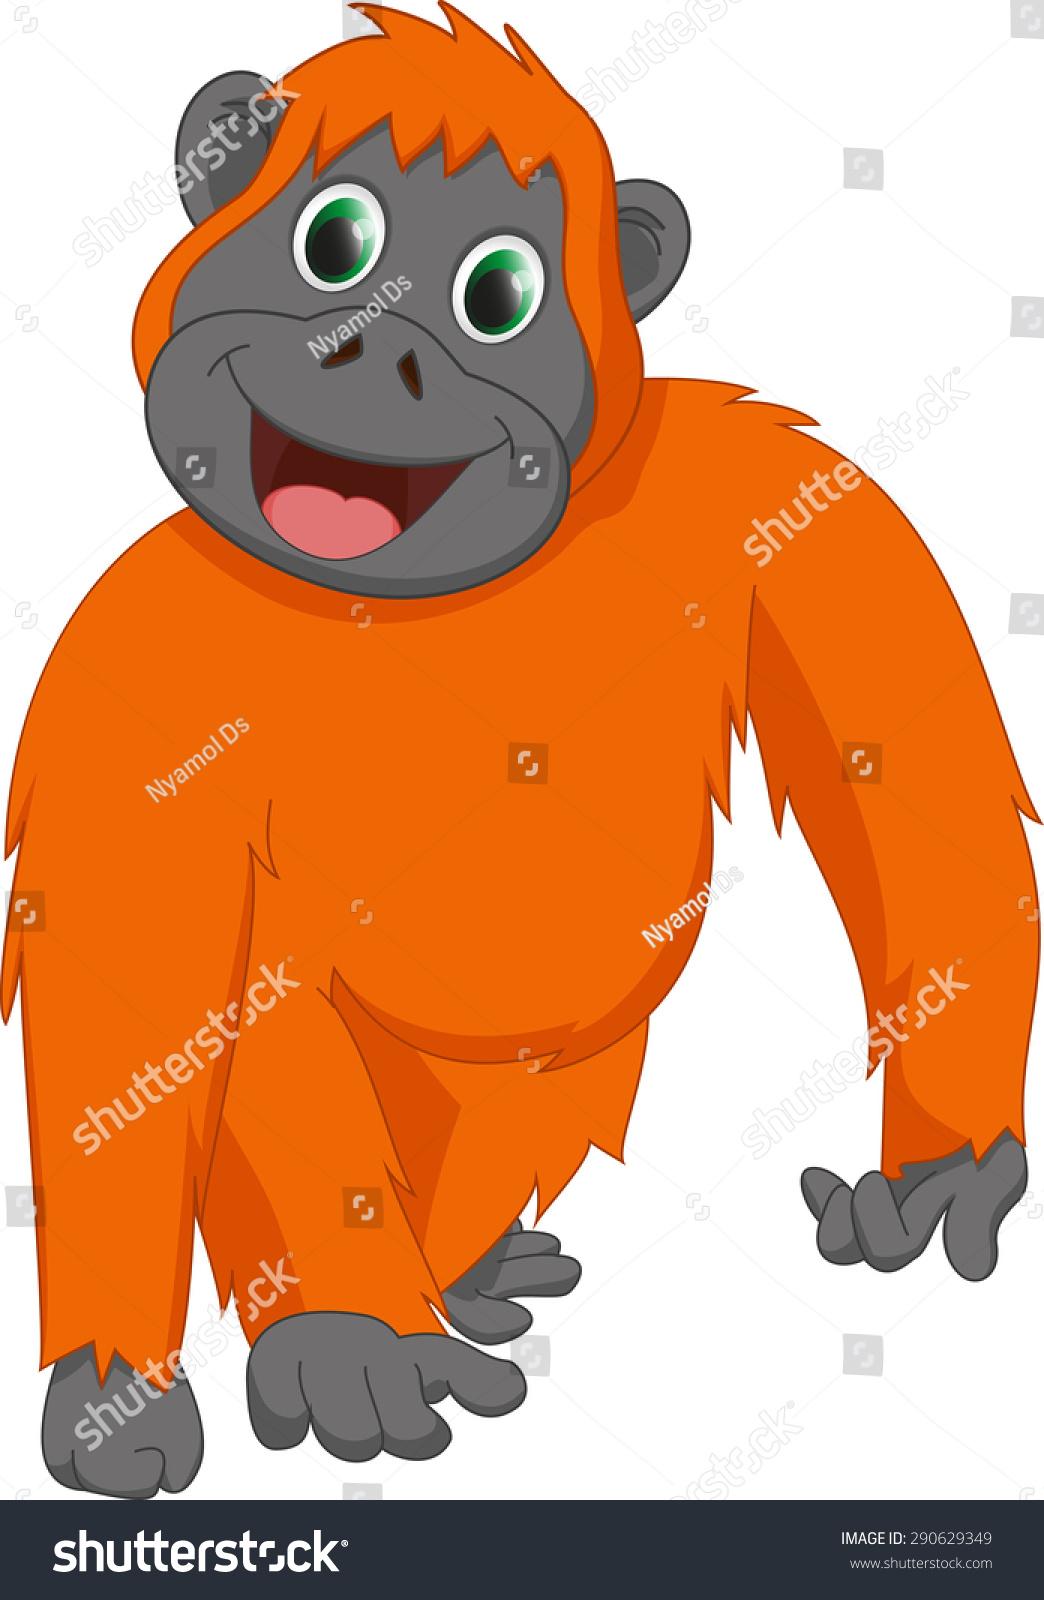 可爱的红毛猩猩卡通-动物/野生生物-海洛创意